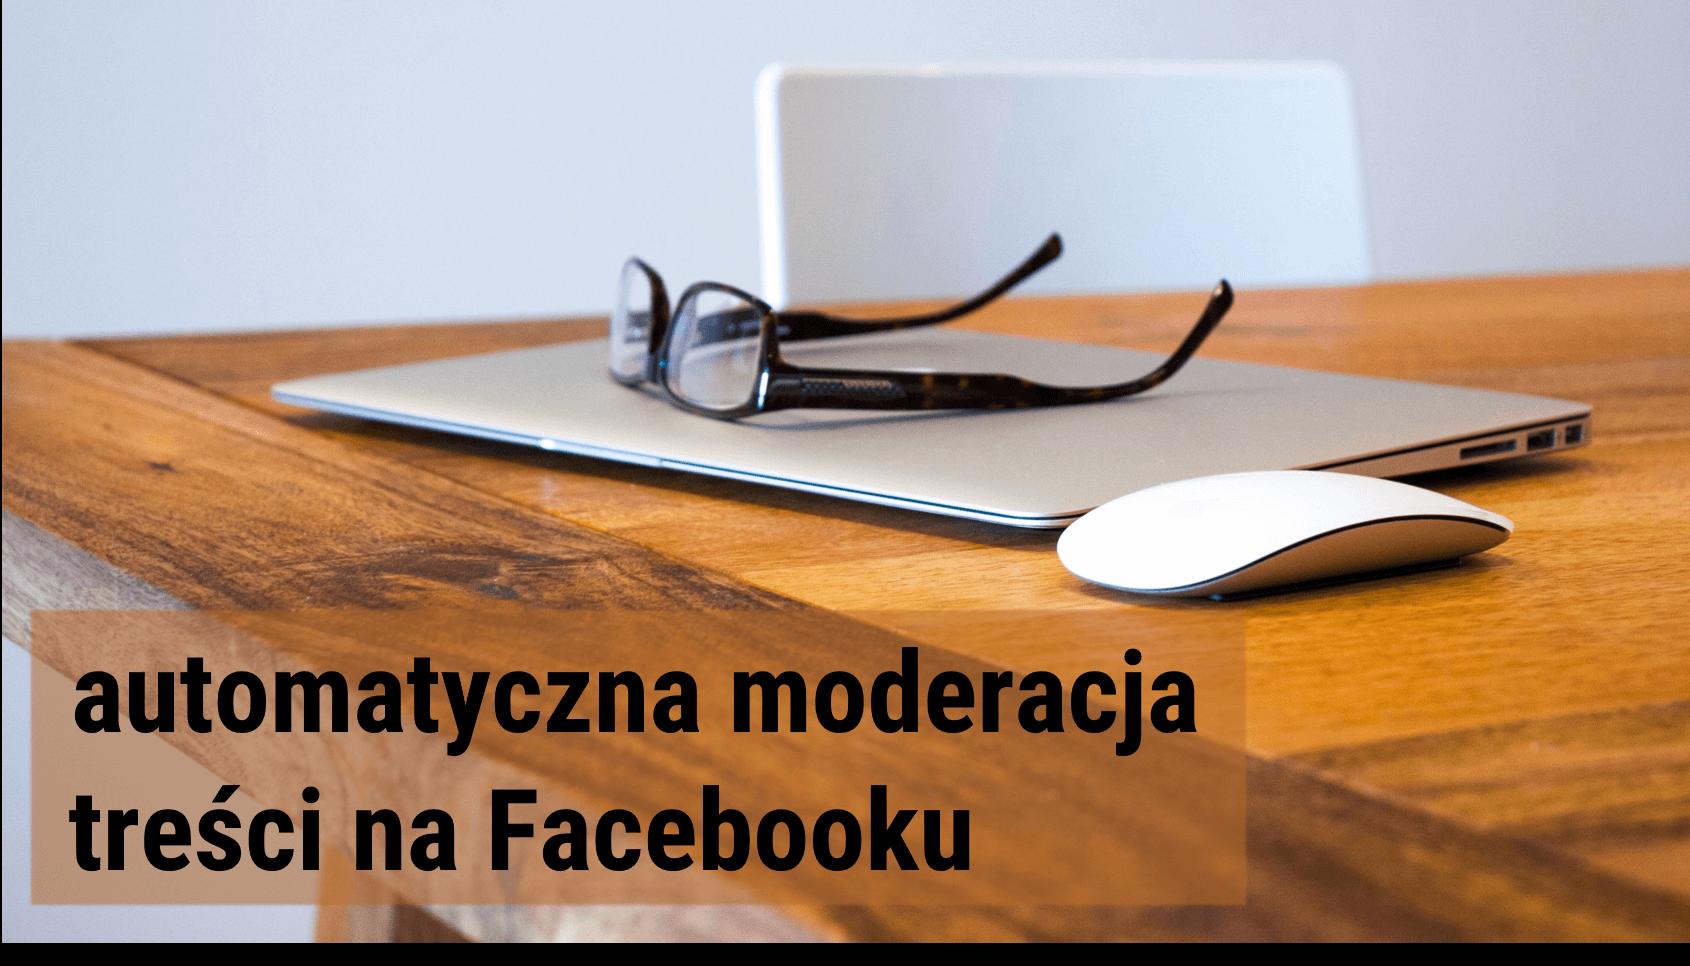 automatyczna-moderacja-tresci-na-Facebooku